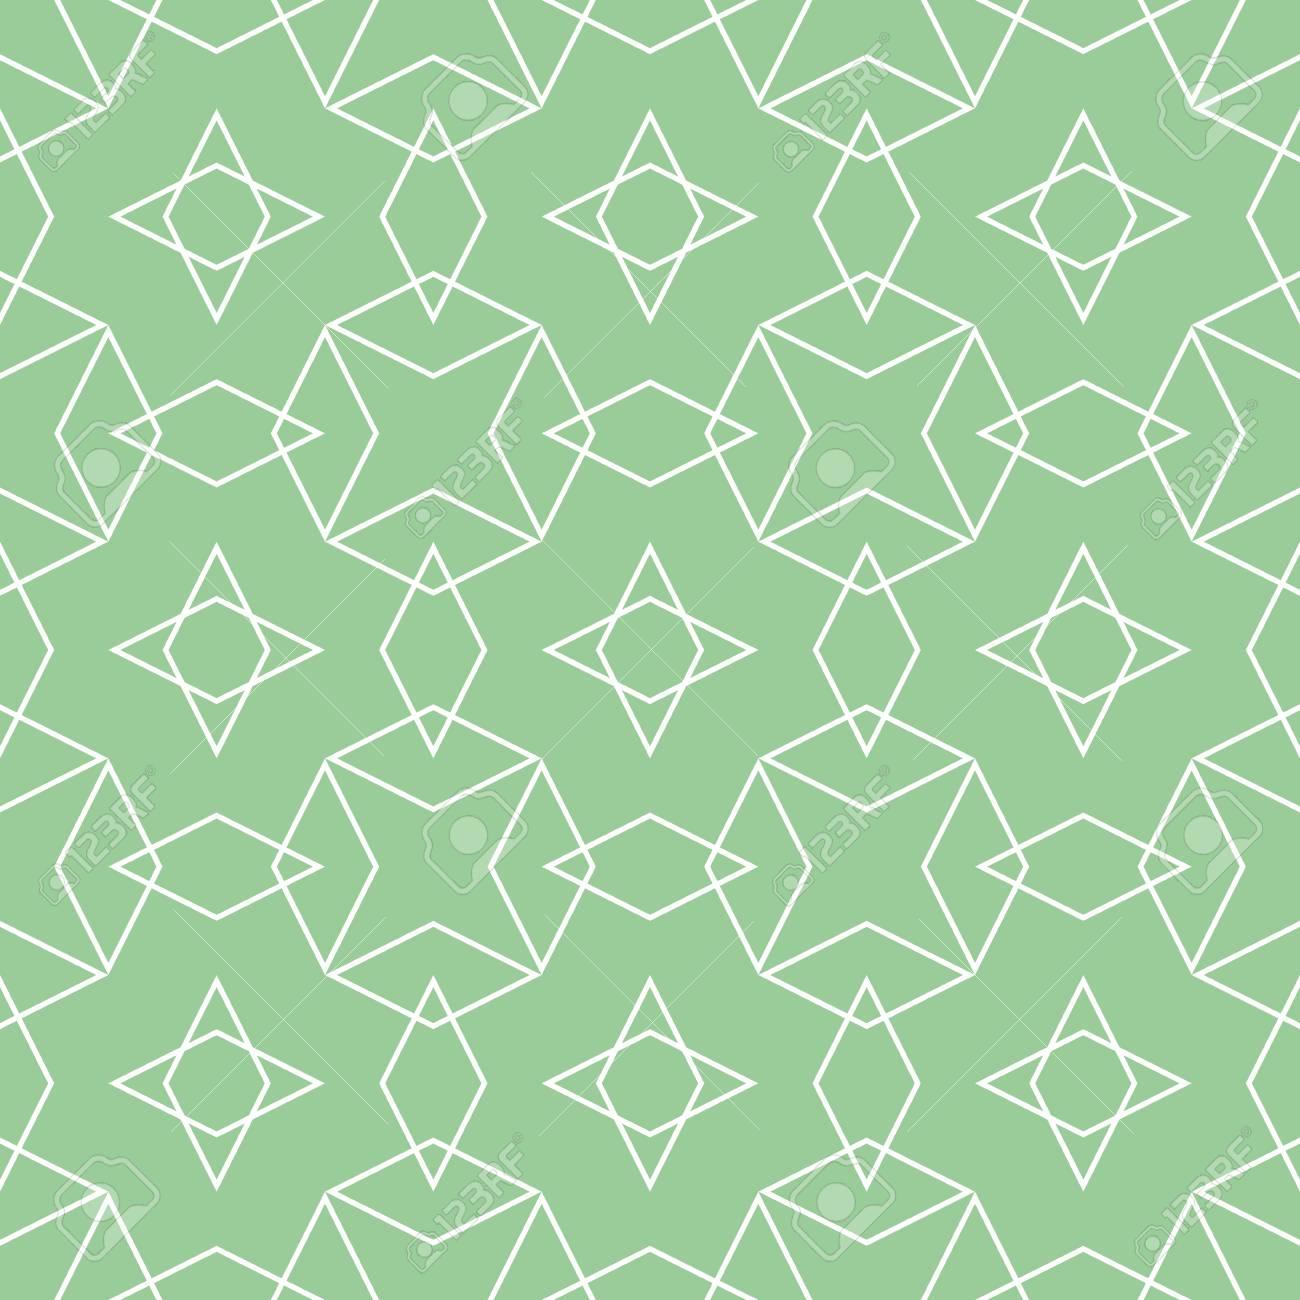 タイル パターン ベクトルまたはミント グリーンと白の壁紙の背景のイラスト素材 ベクタ Image